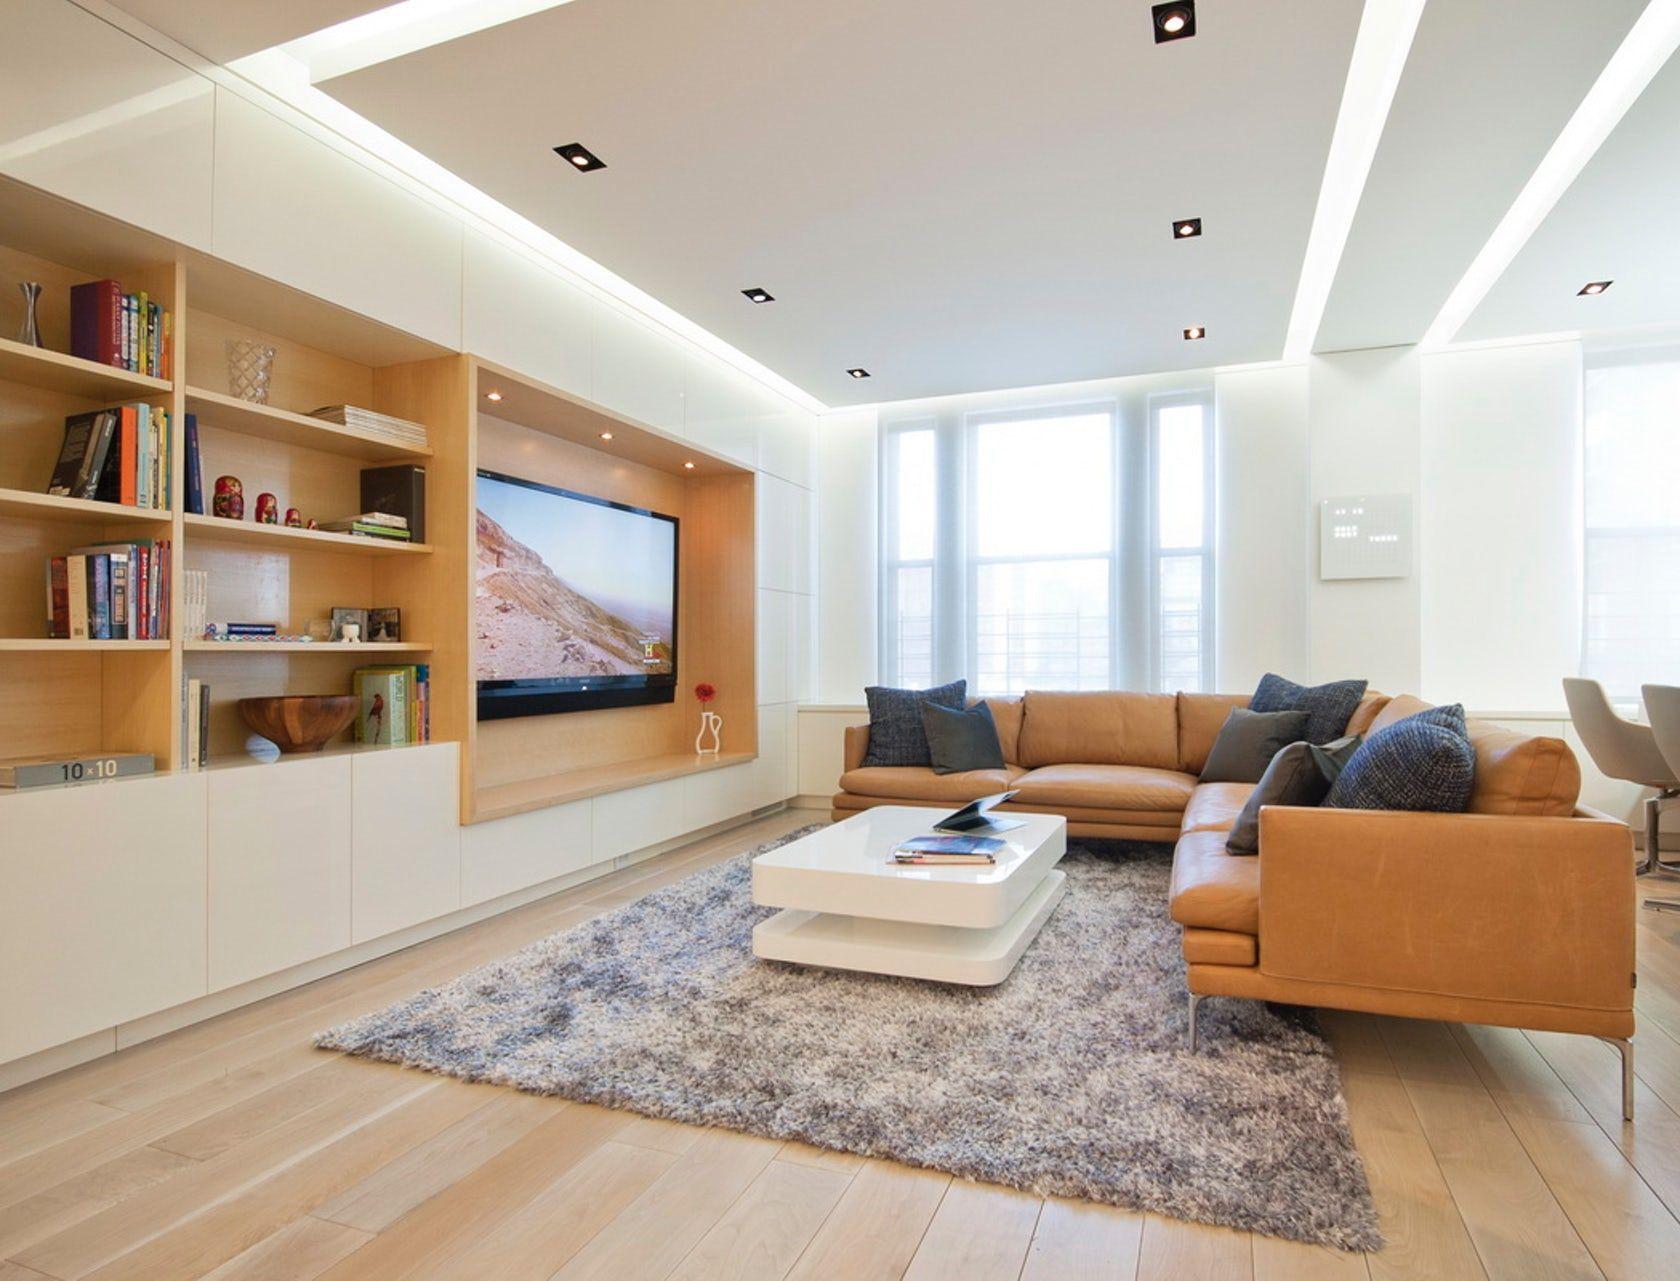 Decorazione soffitti • Guida & 40 idee per un soffitto